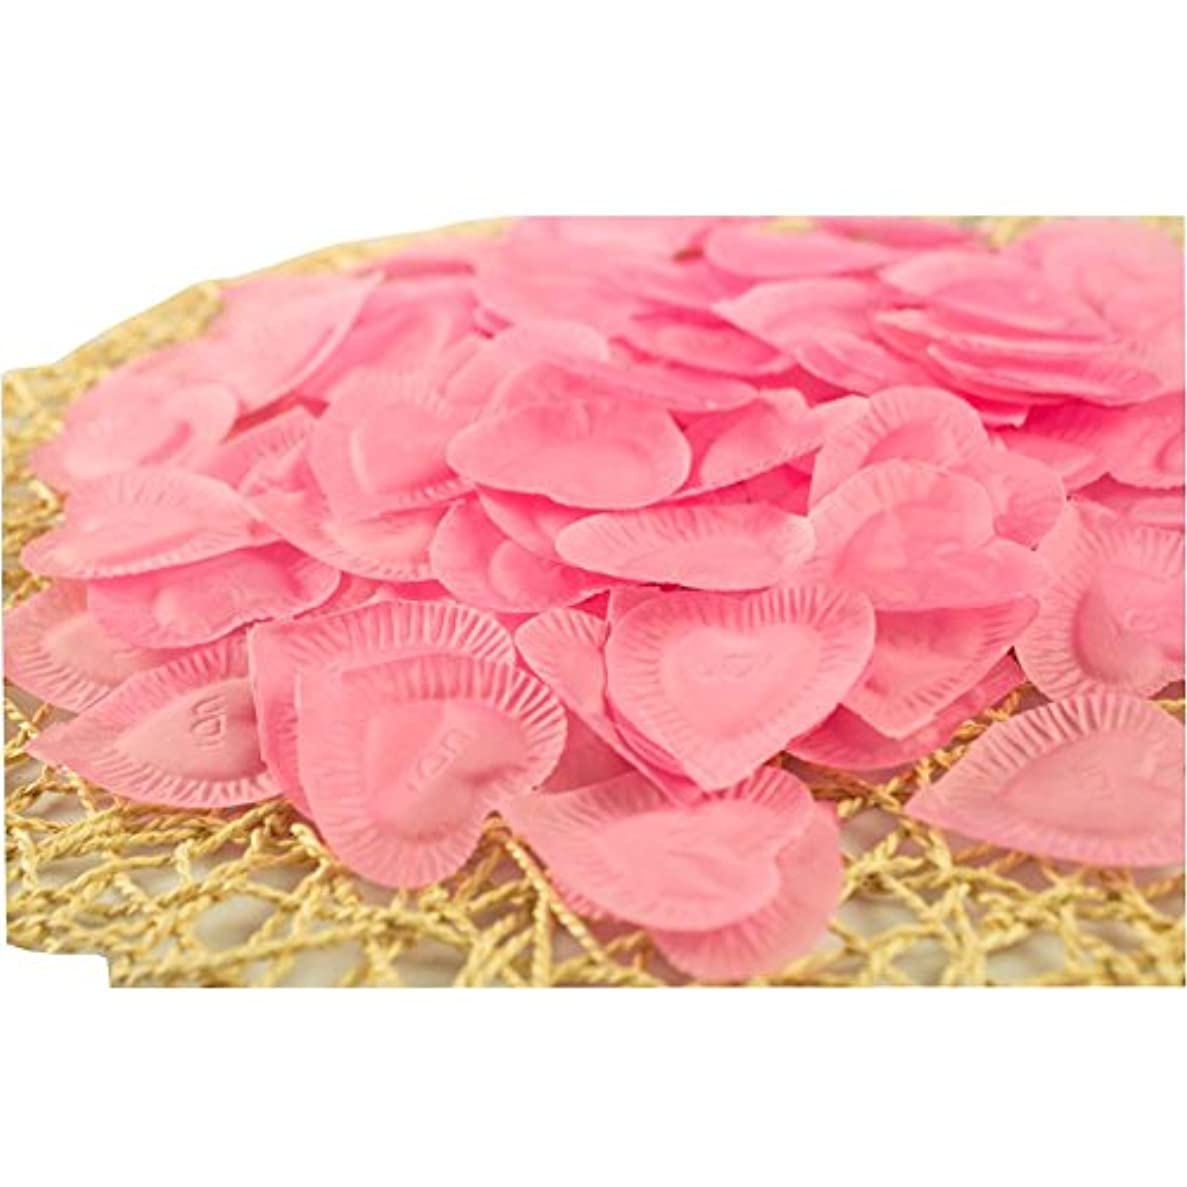 鳩悔い改め金銭的な結婚式のための人工花びらのバレンタイン840個